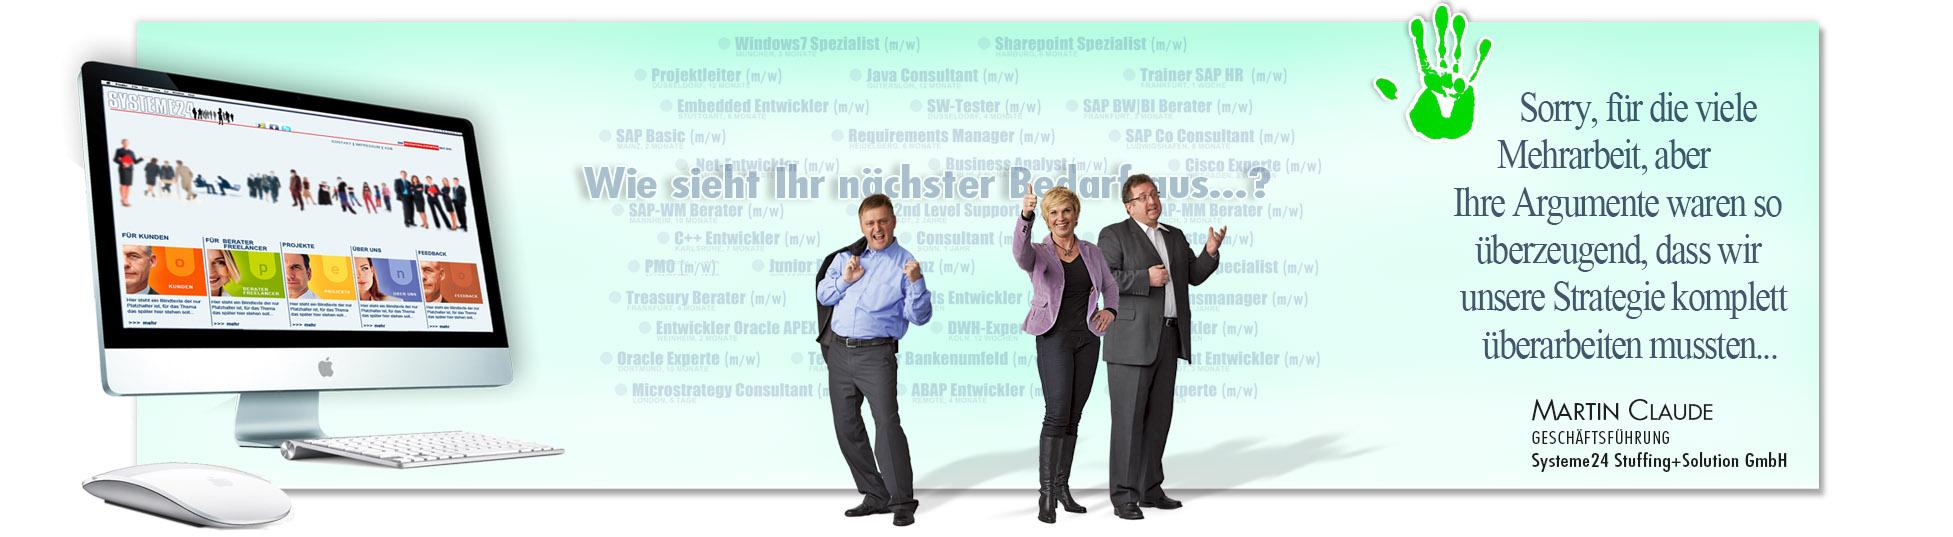 Zufriedener Kunde: SYSTEME24 wegen erfolgreiche Kampagnen derSchoellmann & Sie ist Werbeagentur, Marketingagentur, Gender Marketing, Webdesign, Personal Marketing, Employer Branding